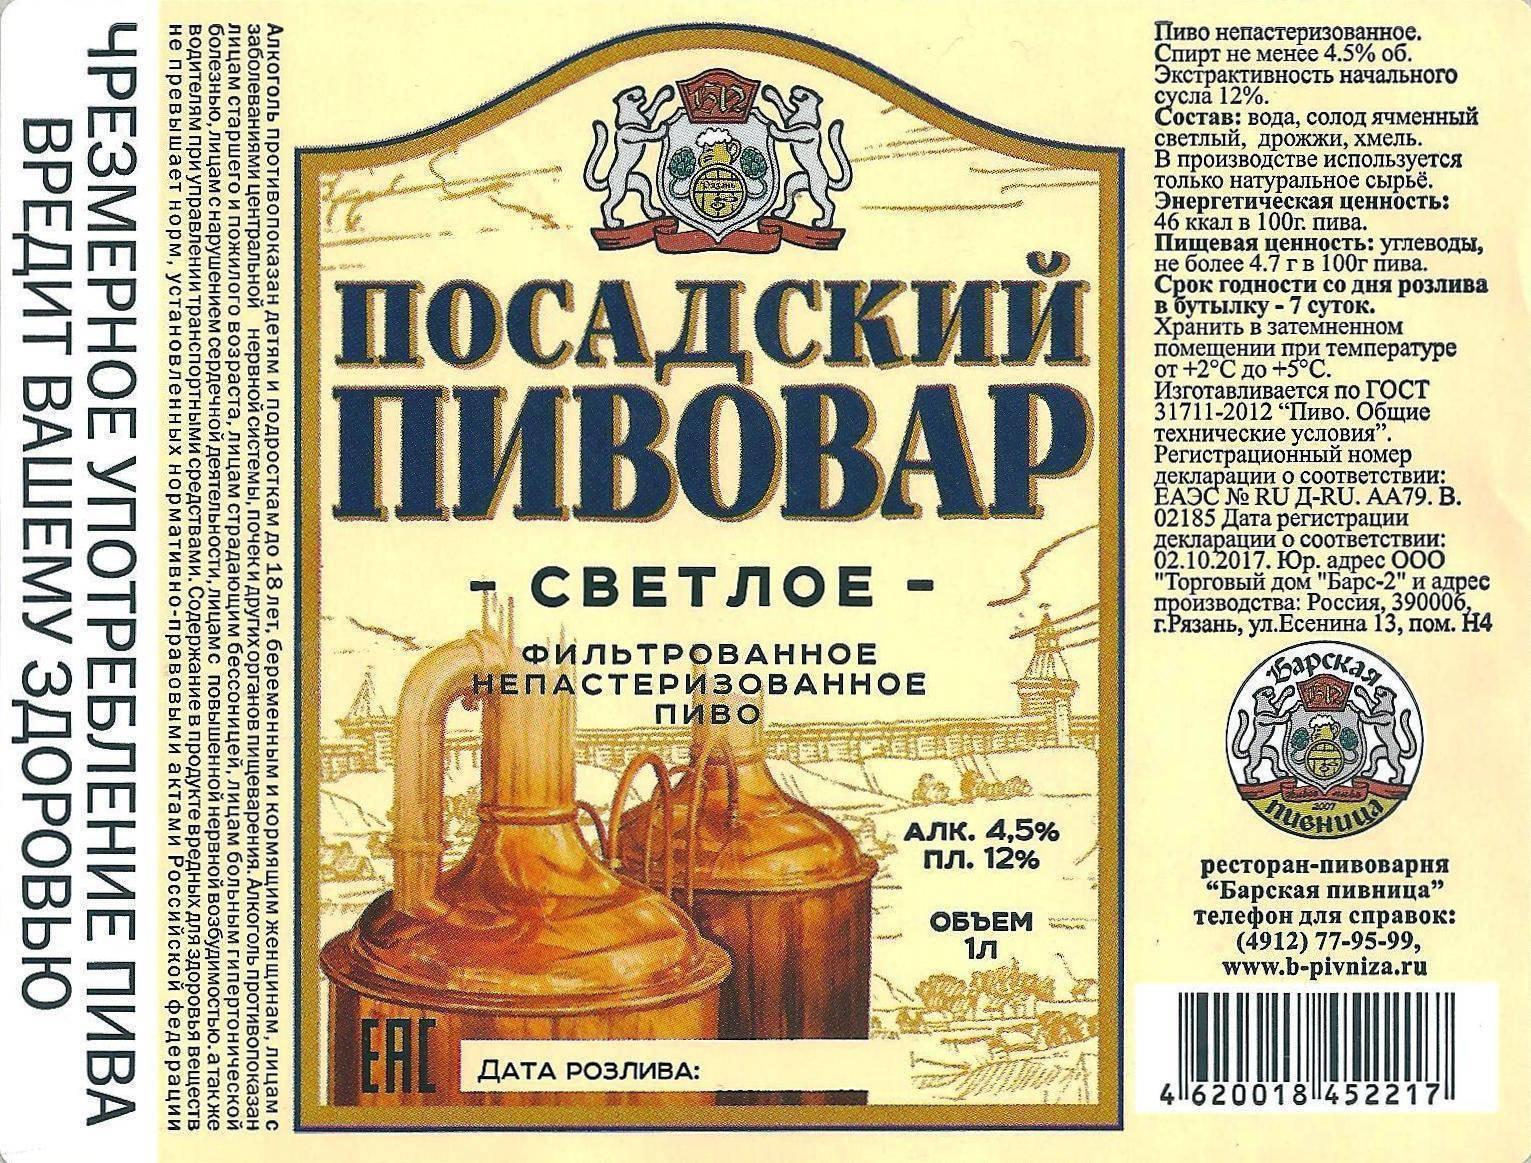 Какое пиво лучше употреблять фильтрованное или нефильтрованное, пастеризованное или непастеризованное, тёмное или светлое - в чем их разница